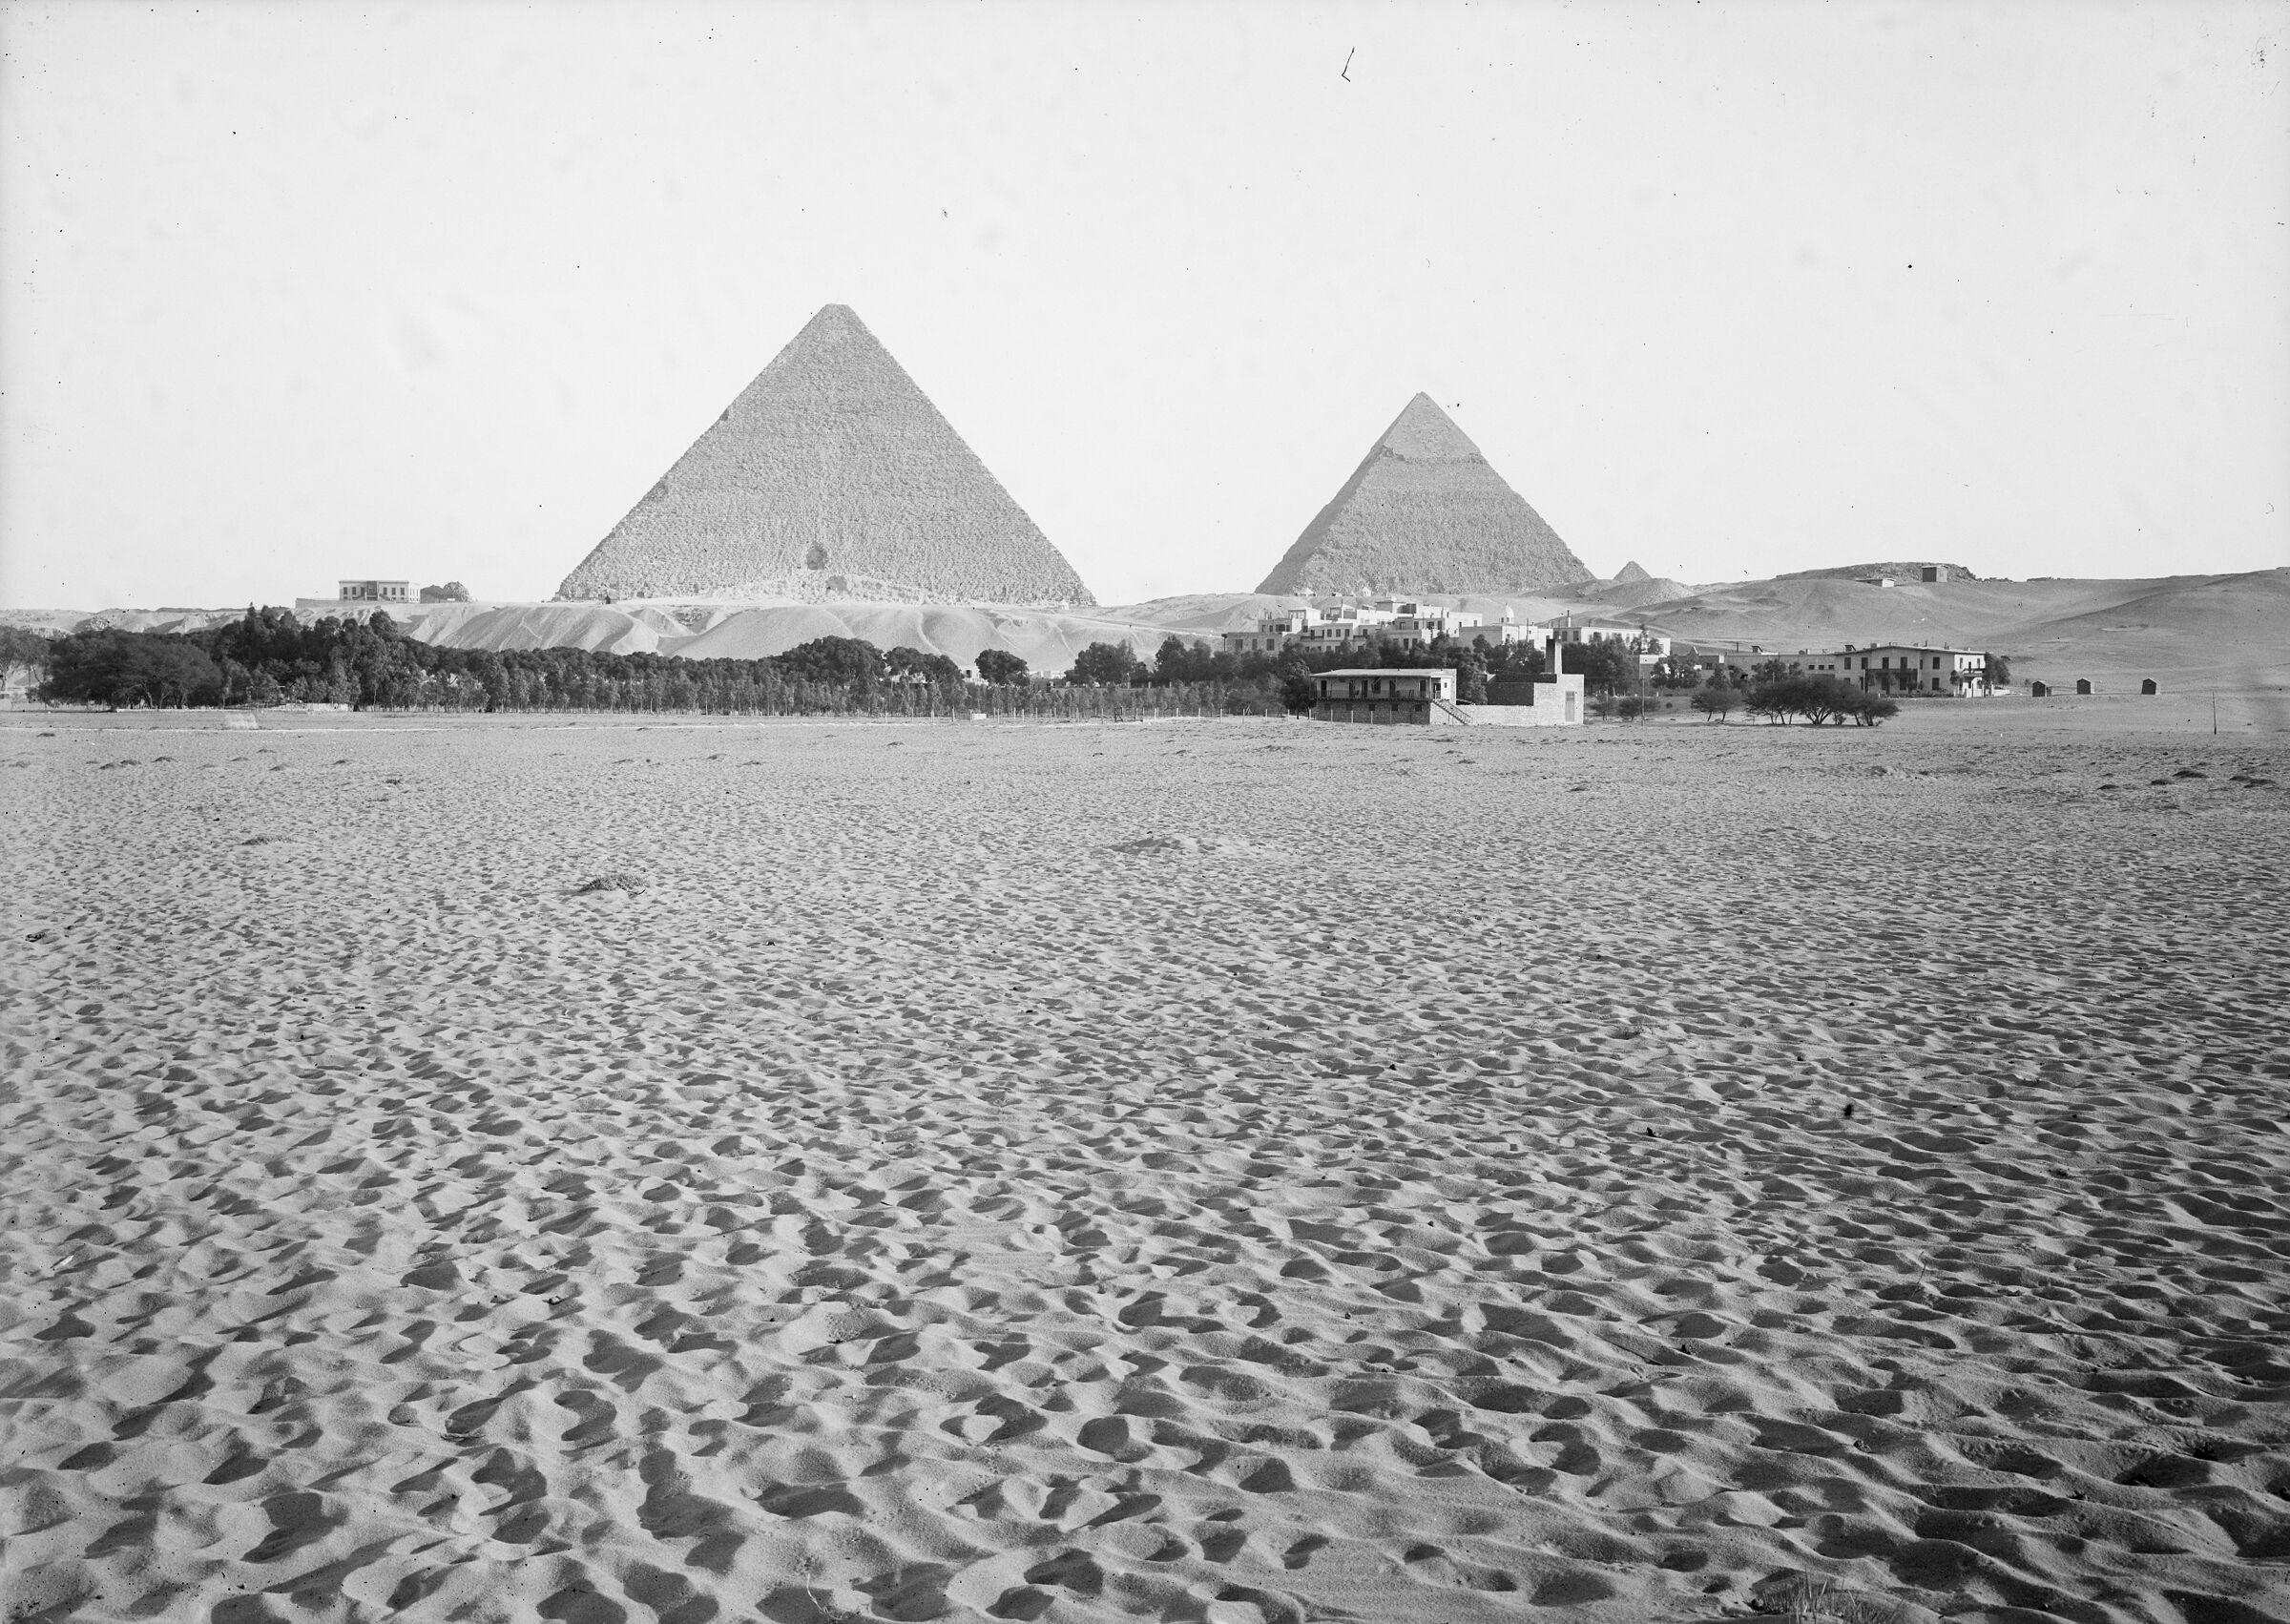 General view: Site: Giza; View: Giza, Mena House